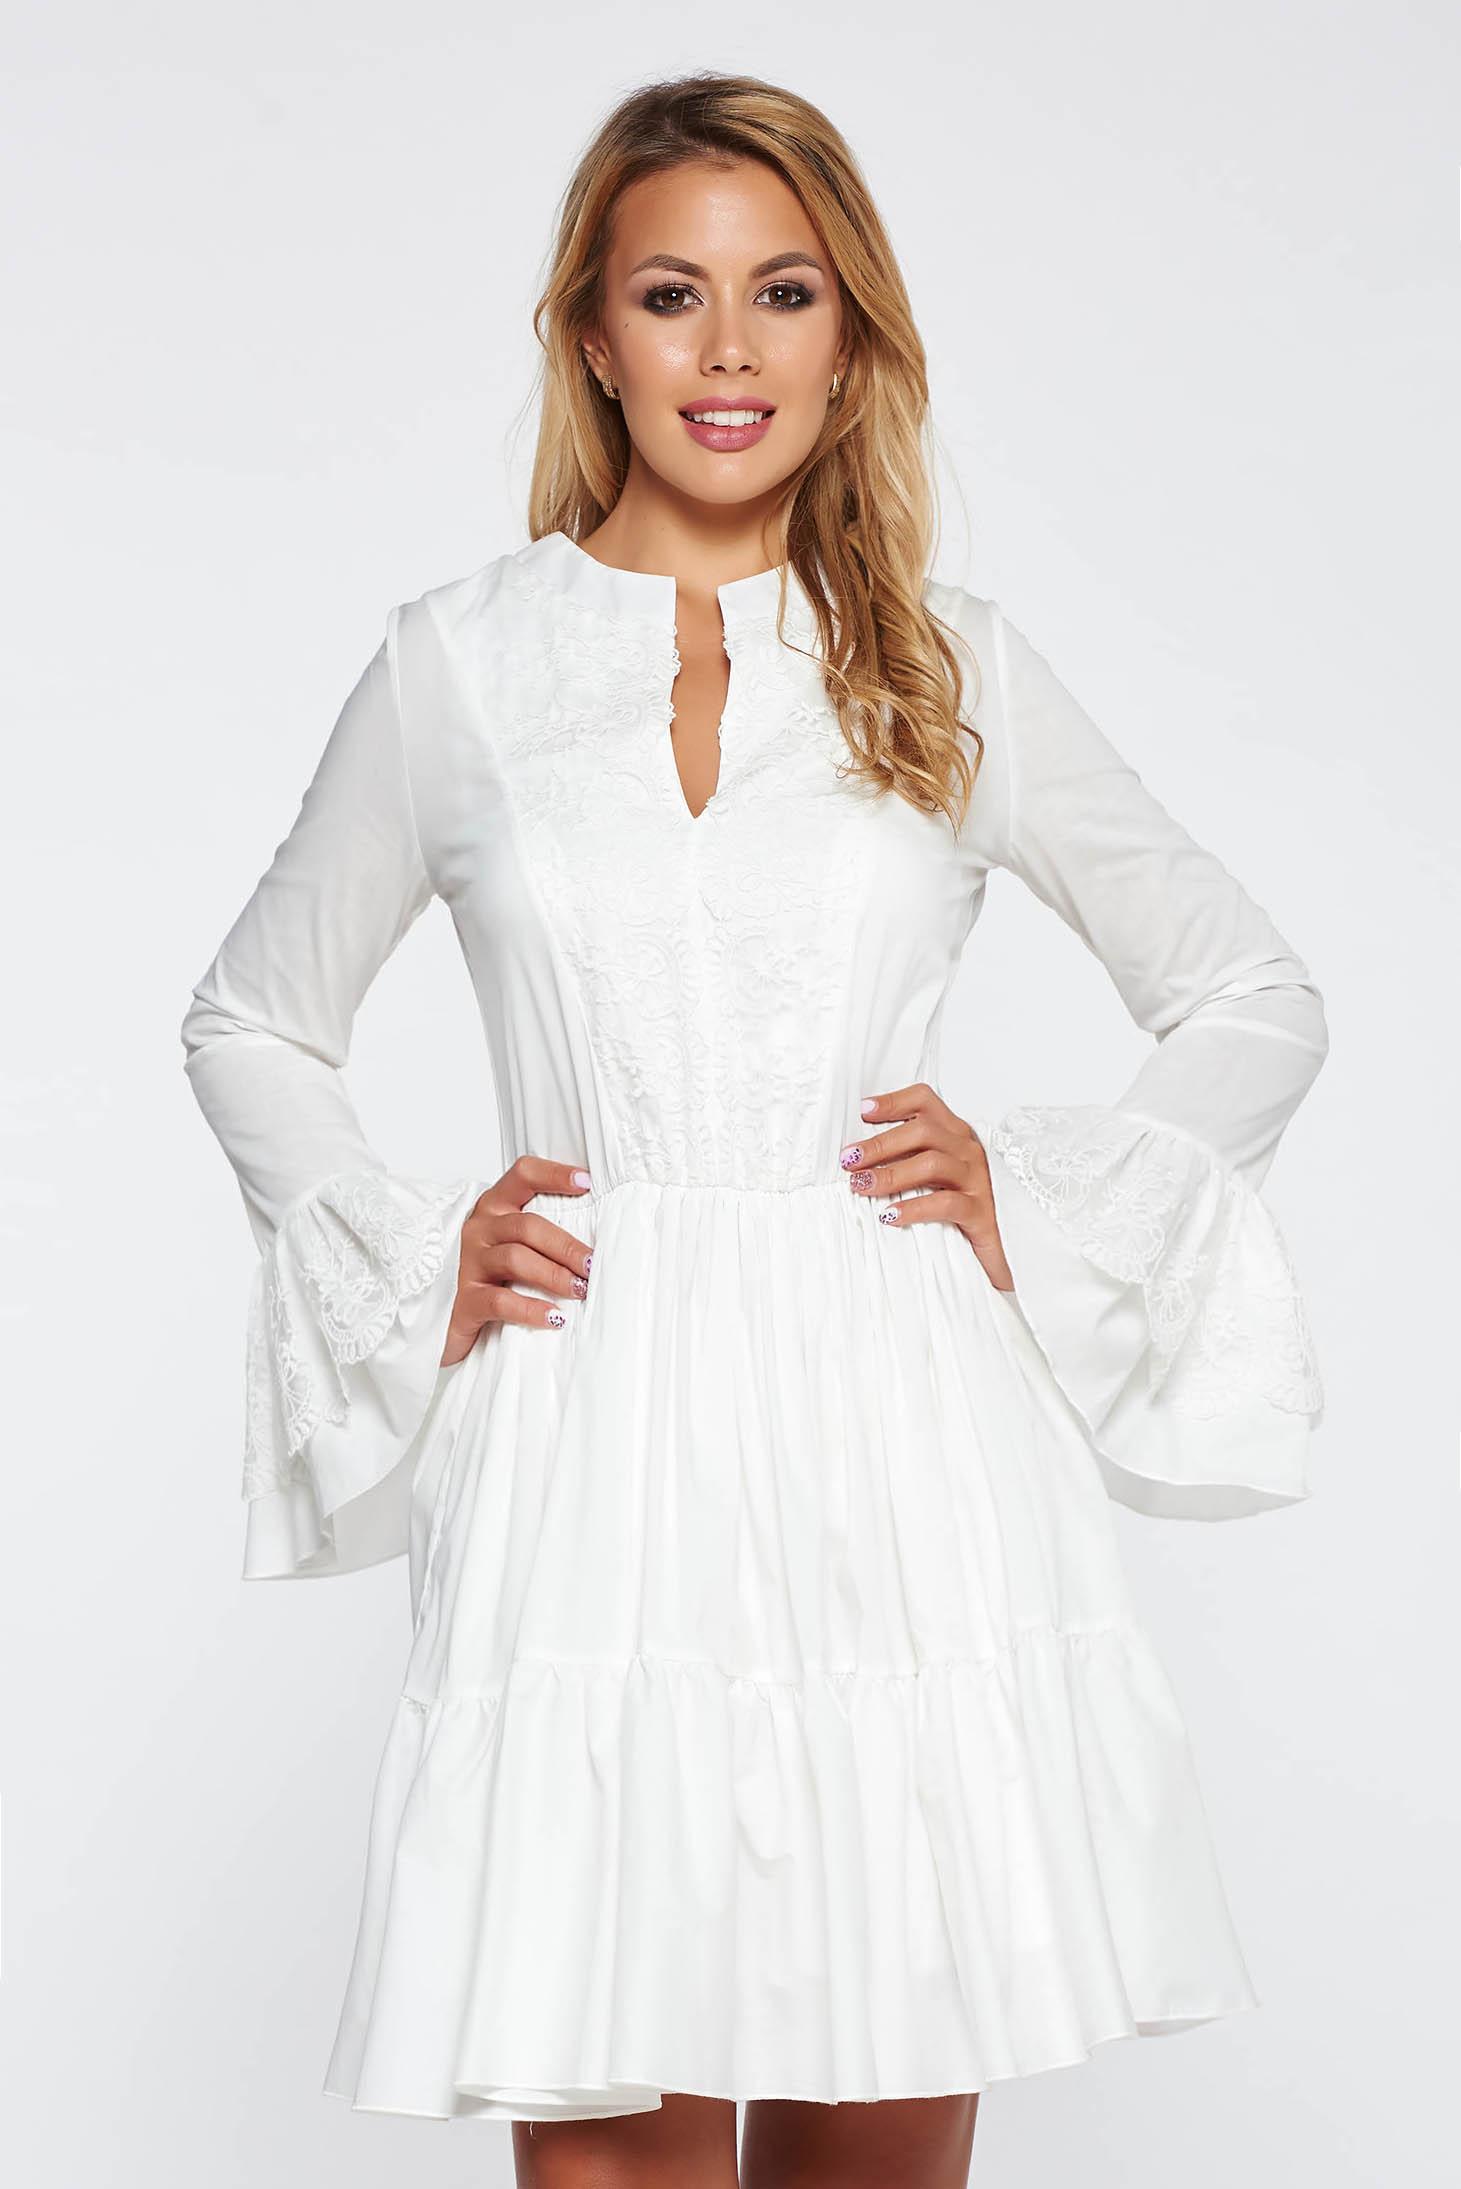 d8e7ee58cb6 Fehér PrettyGirl casual ruha nem elasztikus pamut deréktól bővülő szabás  csipke díszítéssel